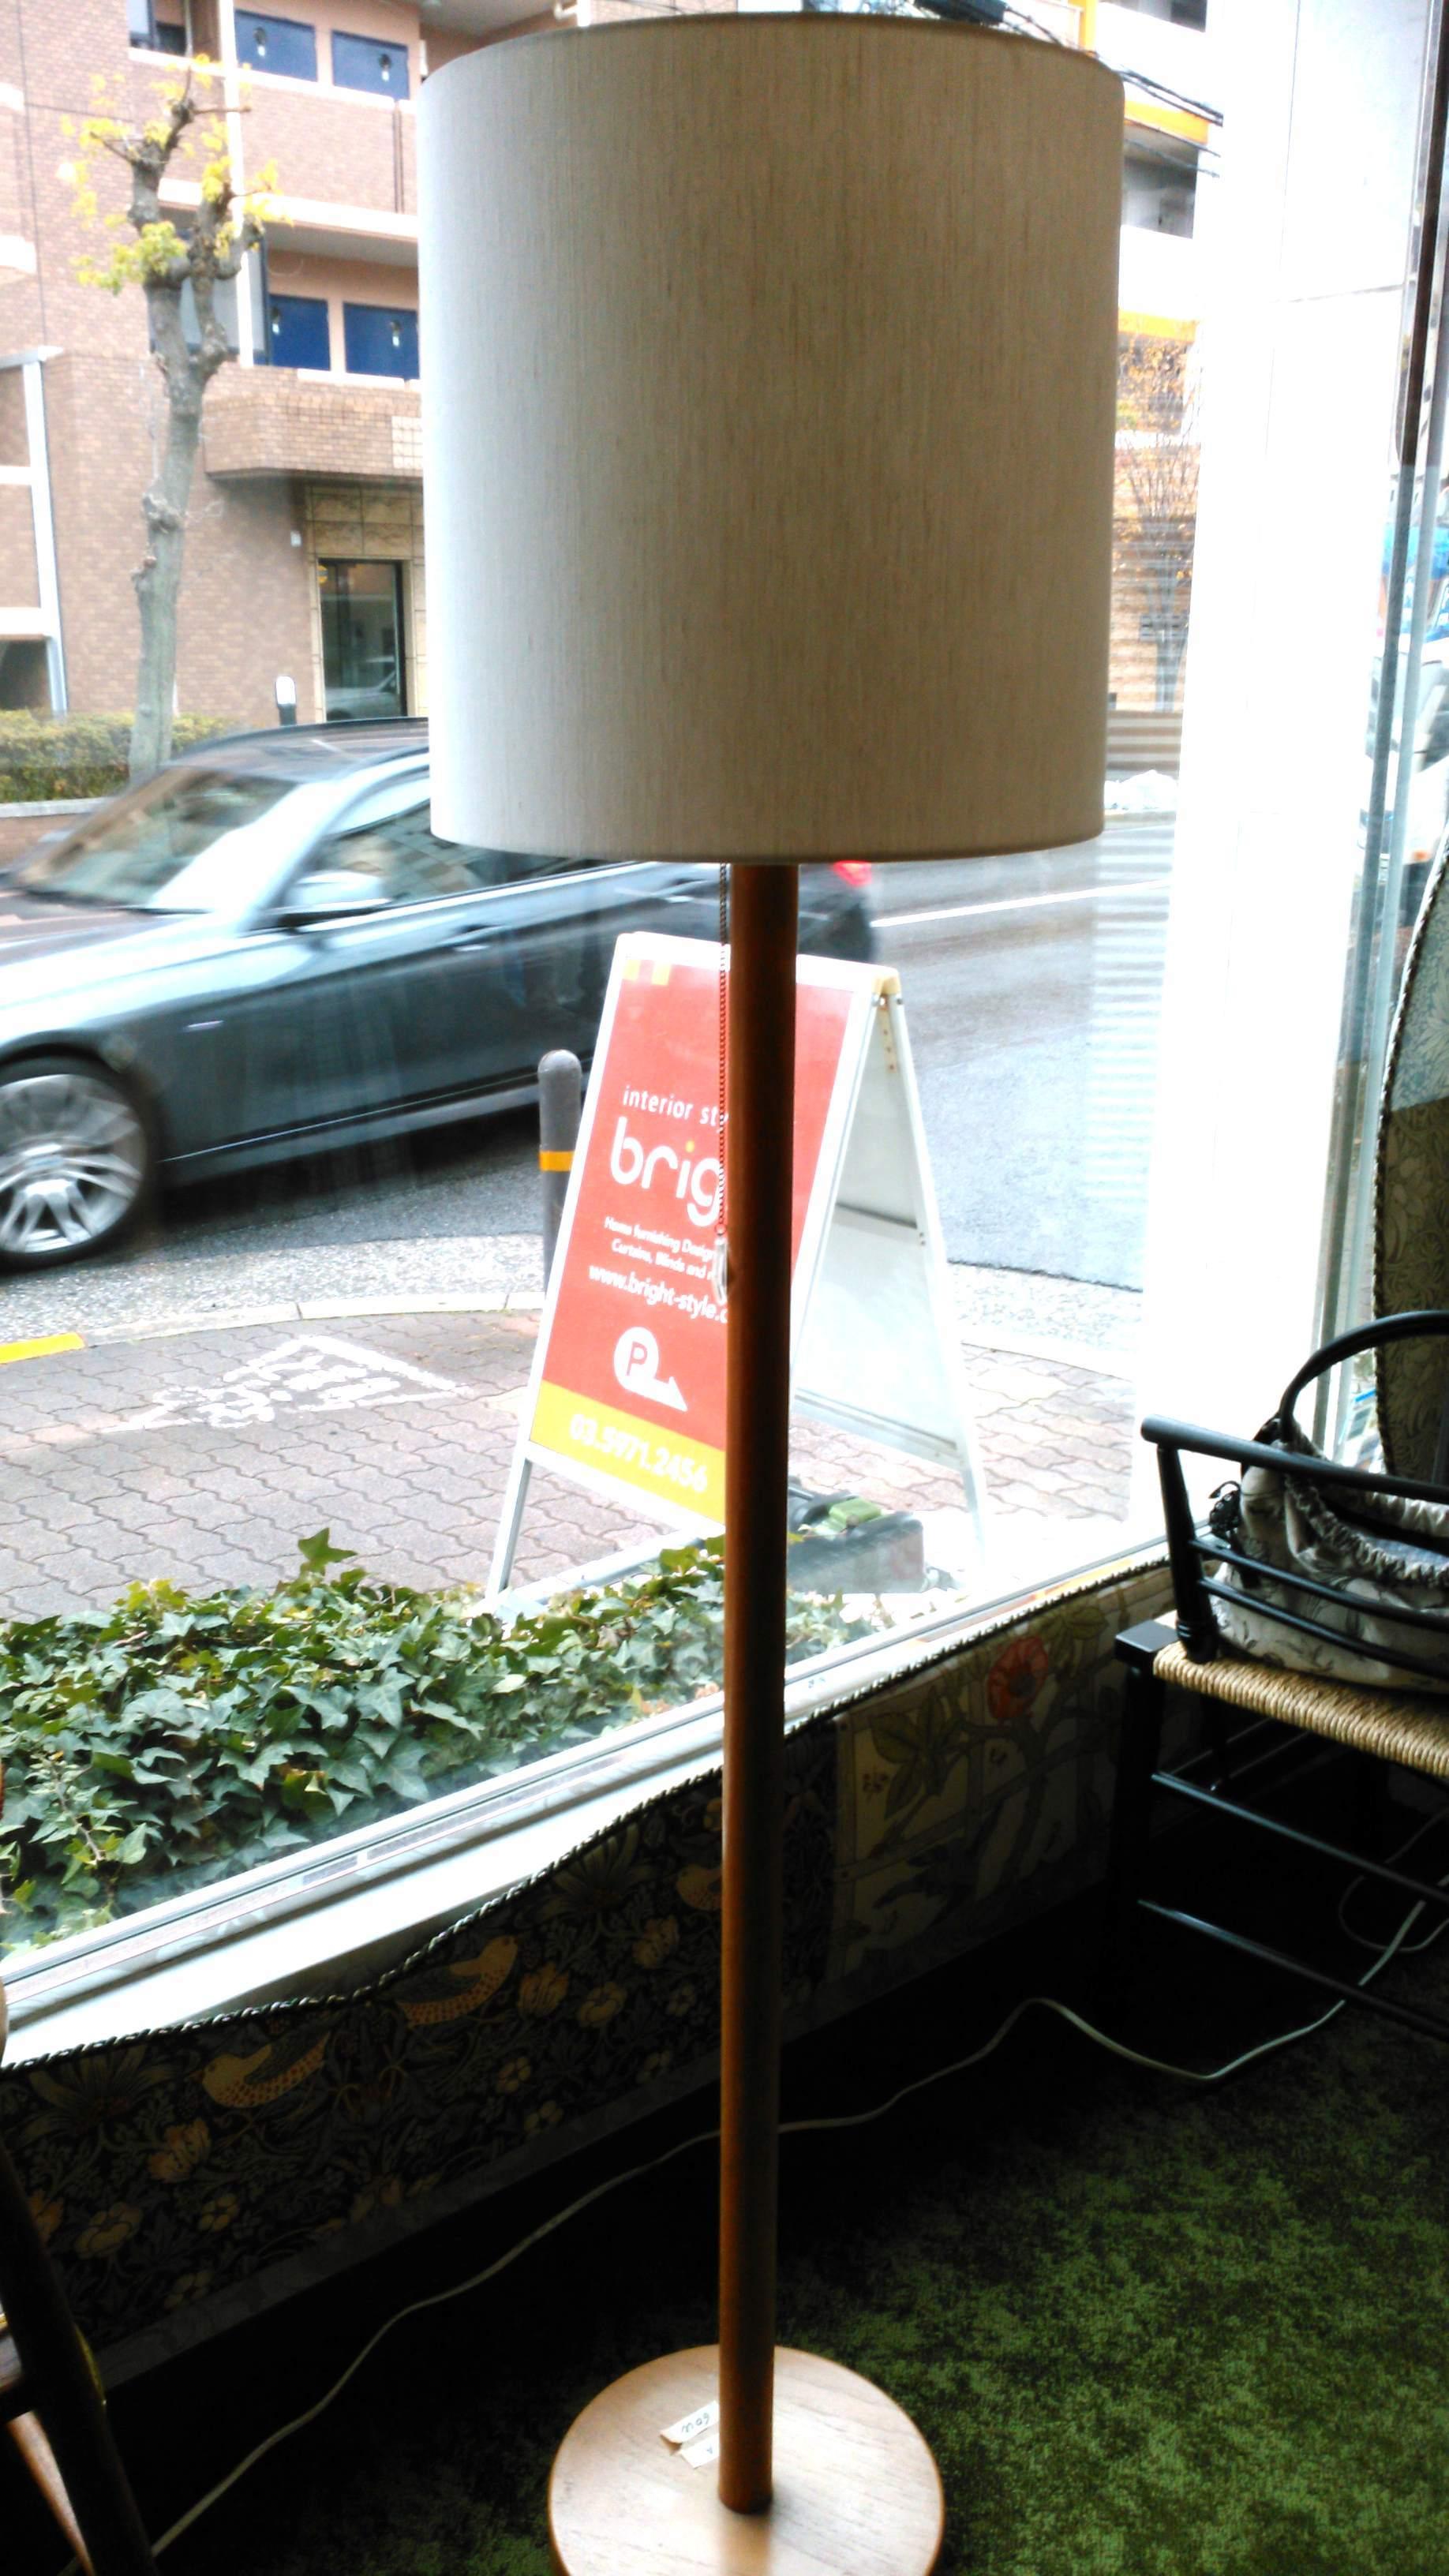 ランプシェード 張替 ウィリアムモリス正規販売店のブライト_c0157866_20042942.jpg